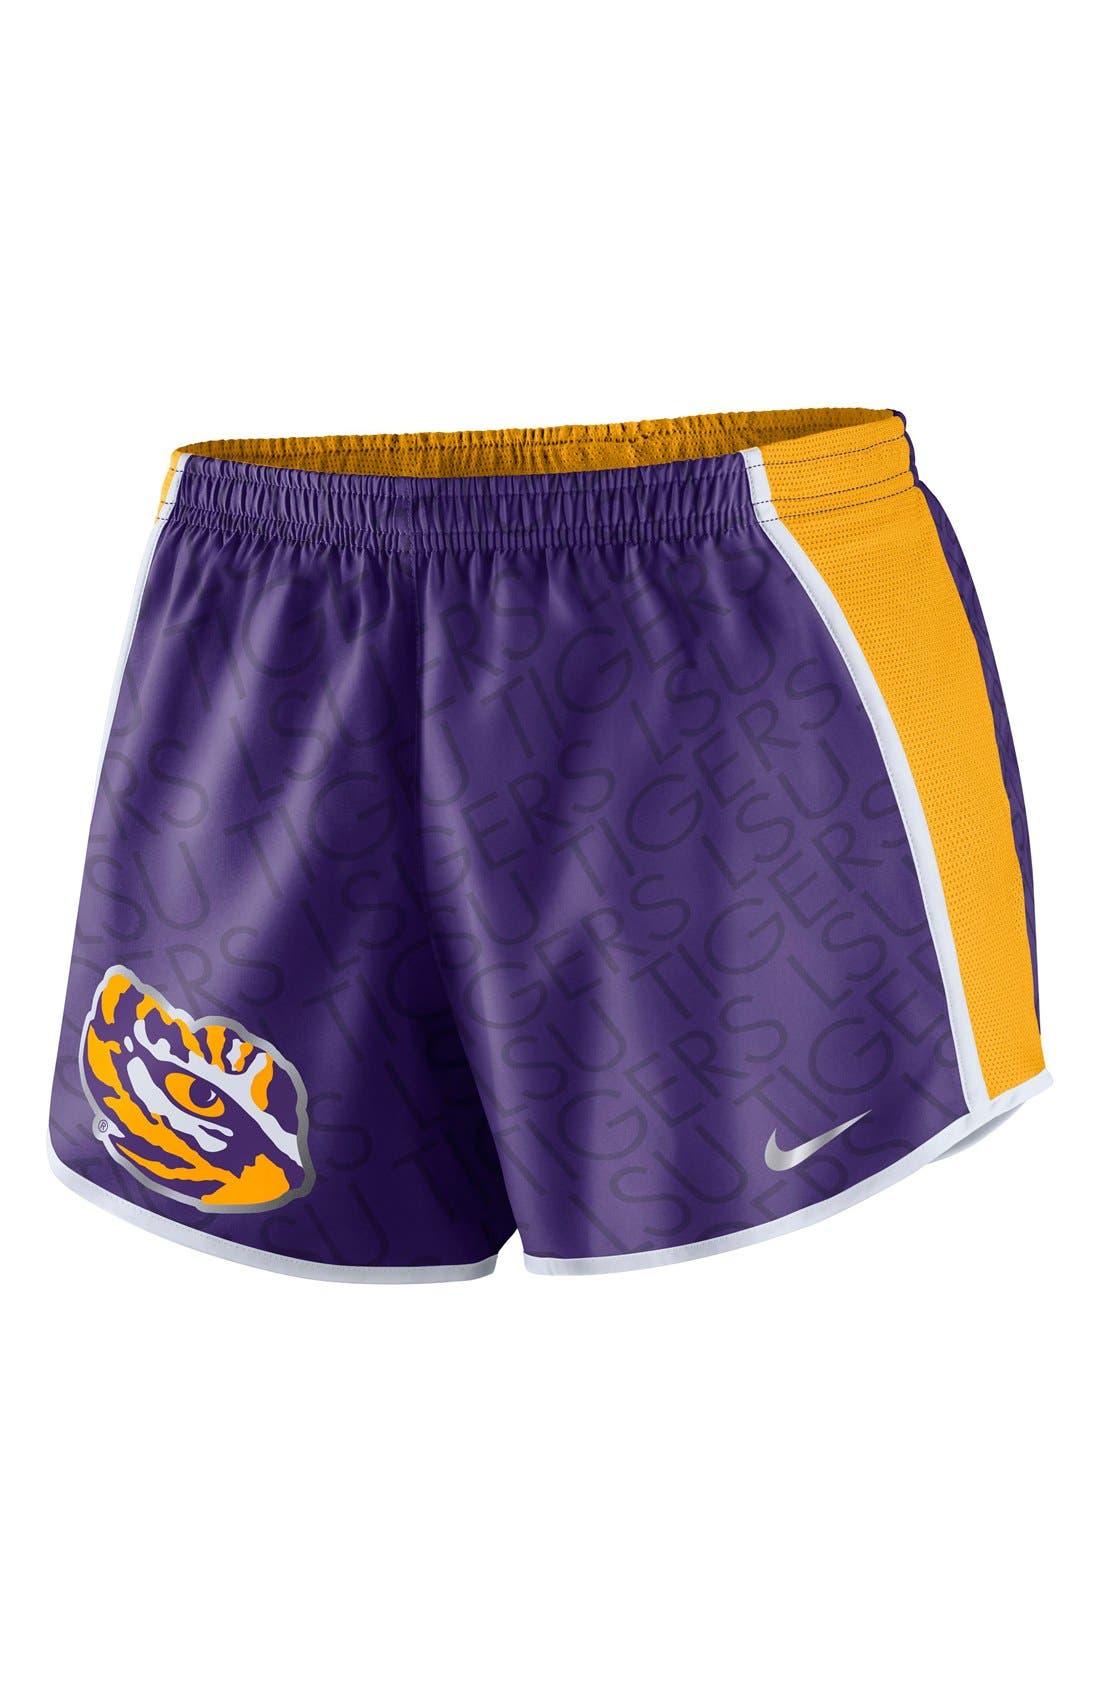 Main Image - Nike 'Champ Drive - Louisiana State University' Logo Dri-FIT Shorts